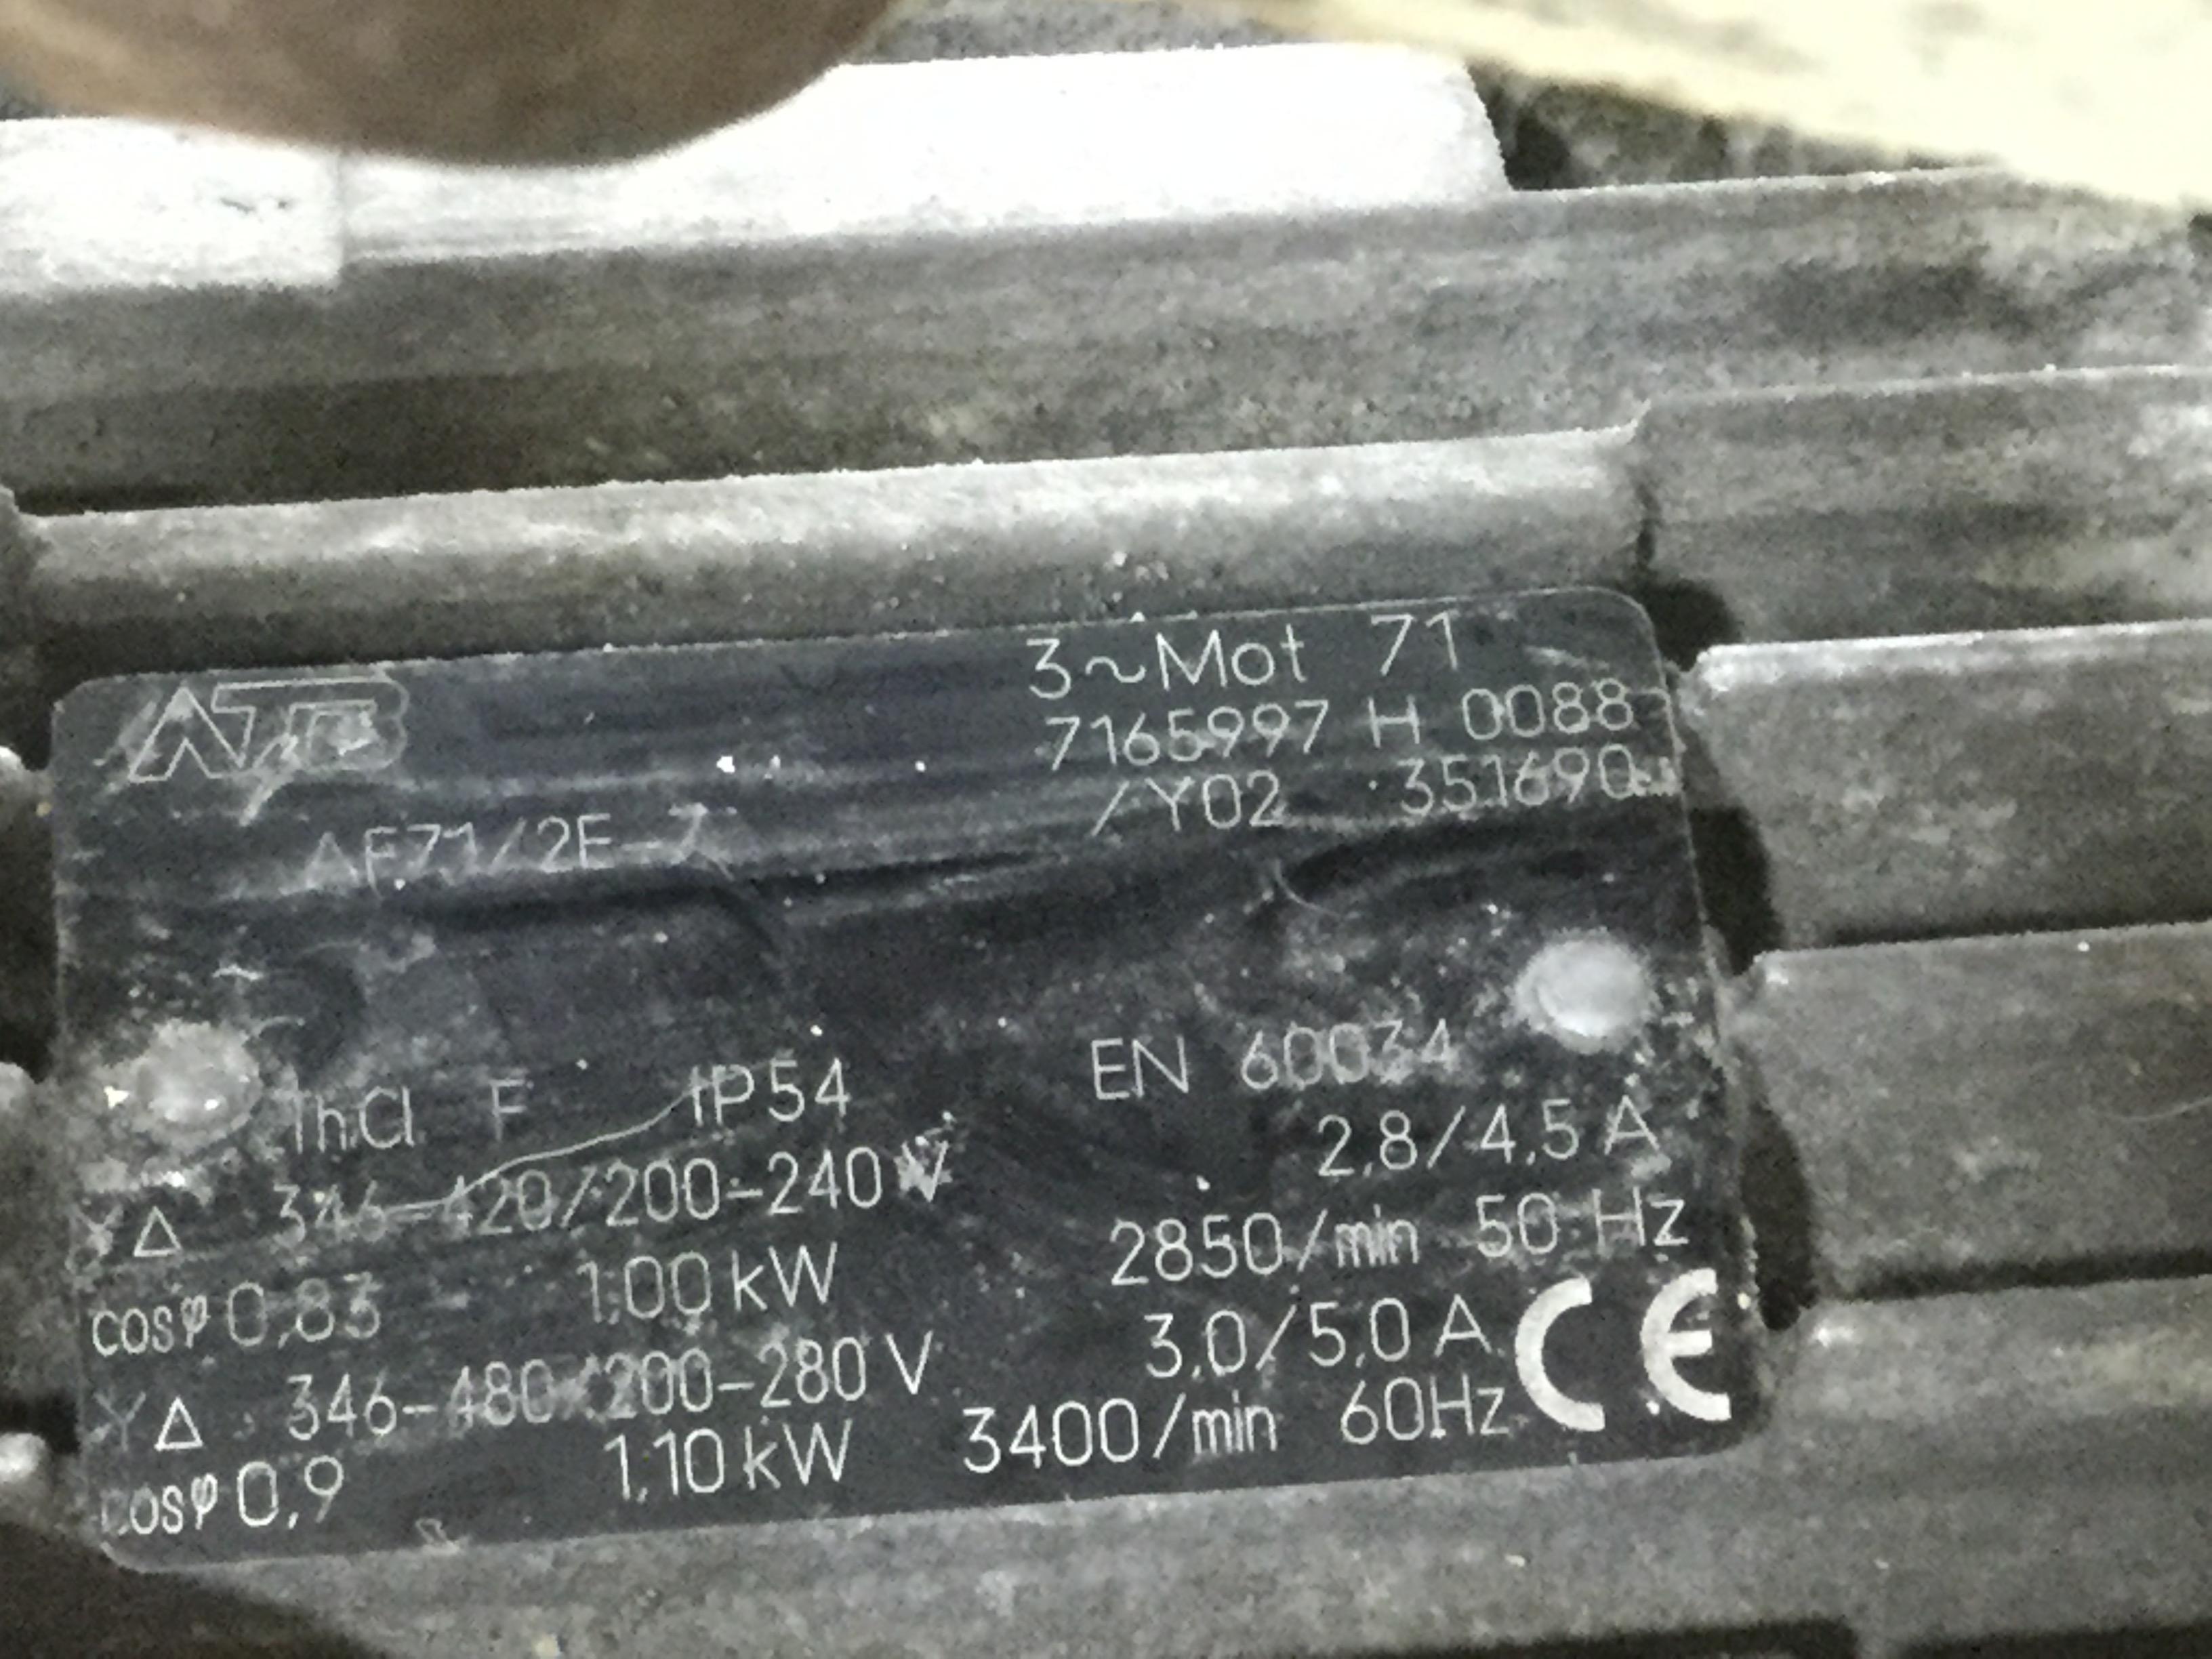 Single STW150-1-9-20-K5